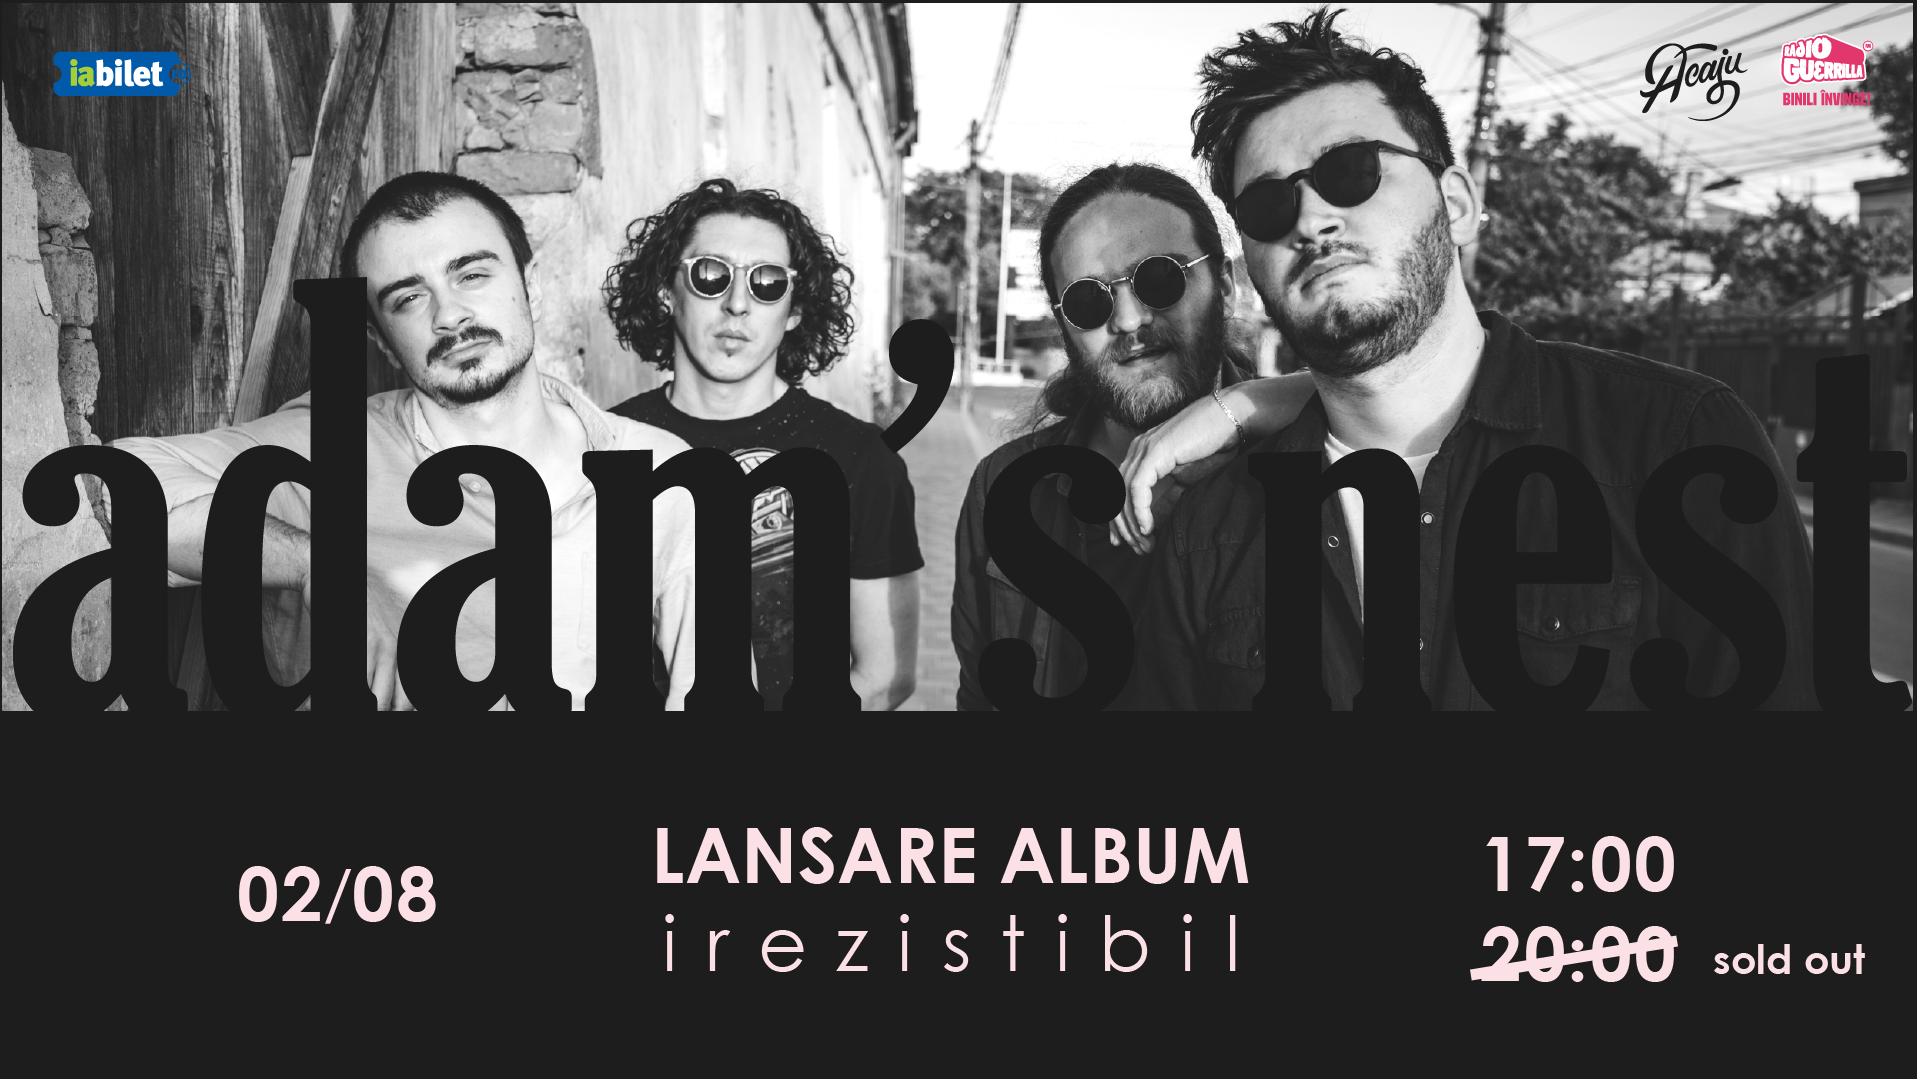 Concert Adam's Nest — lansare album irezistibil